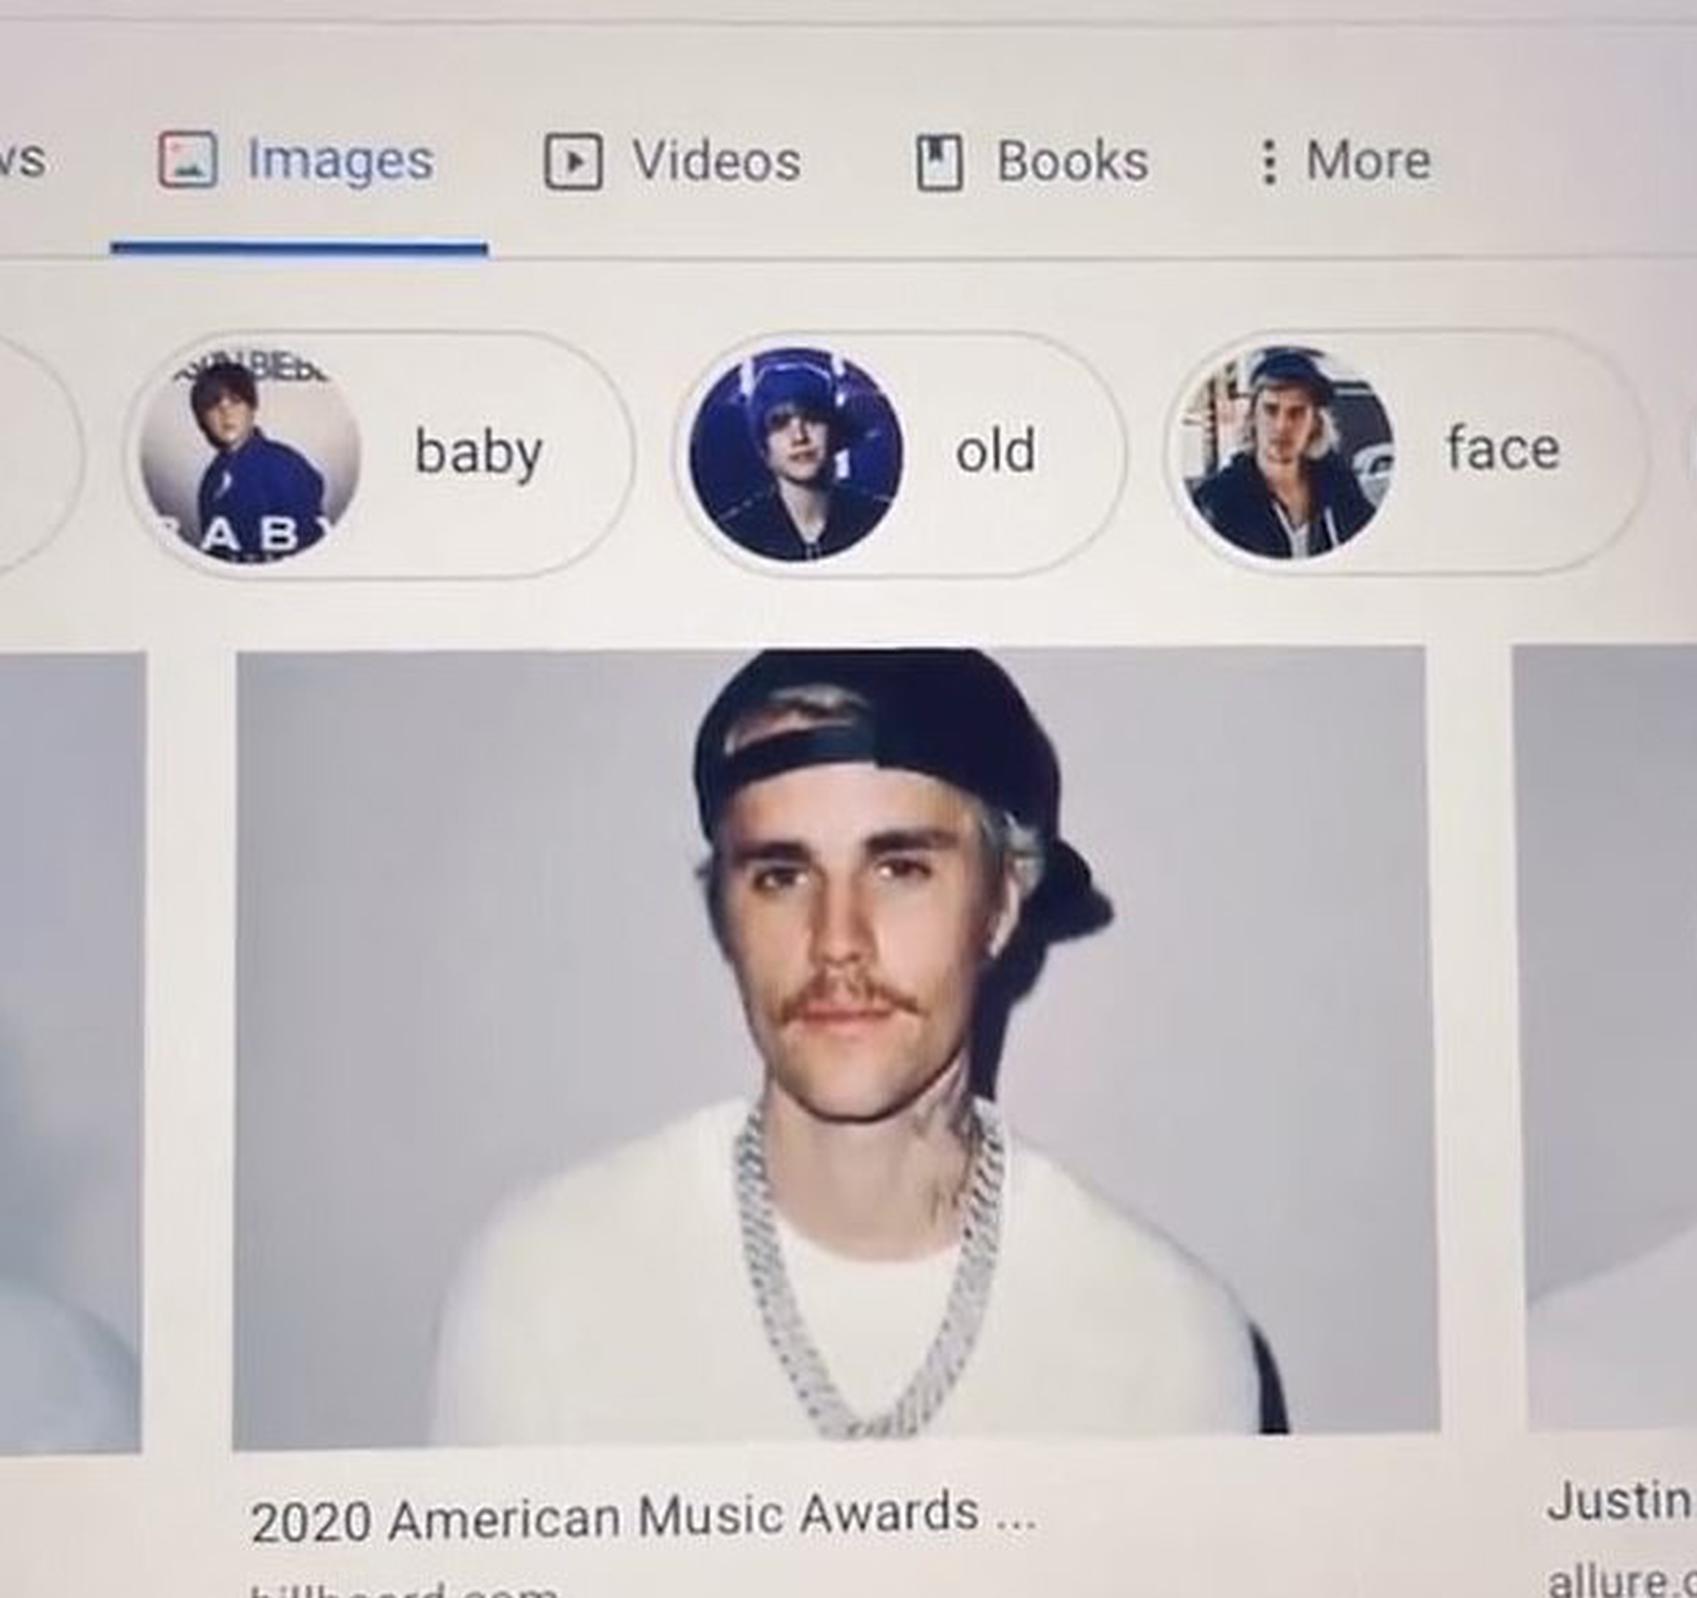 比伯吐槽谷歌算法:搜索自己显示的一张照片太丑